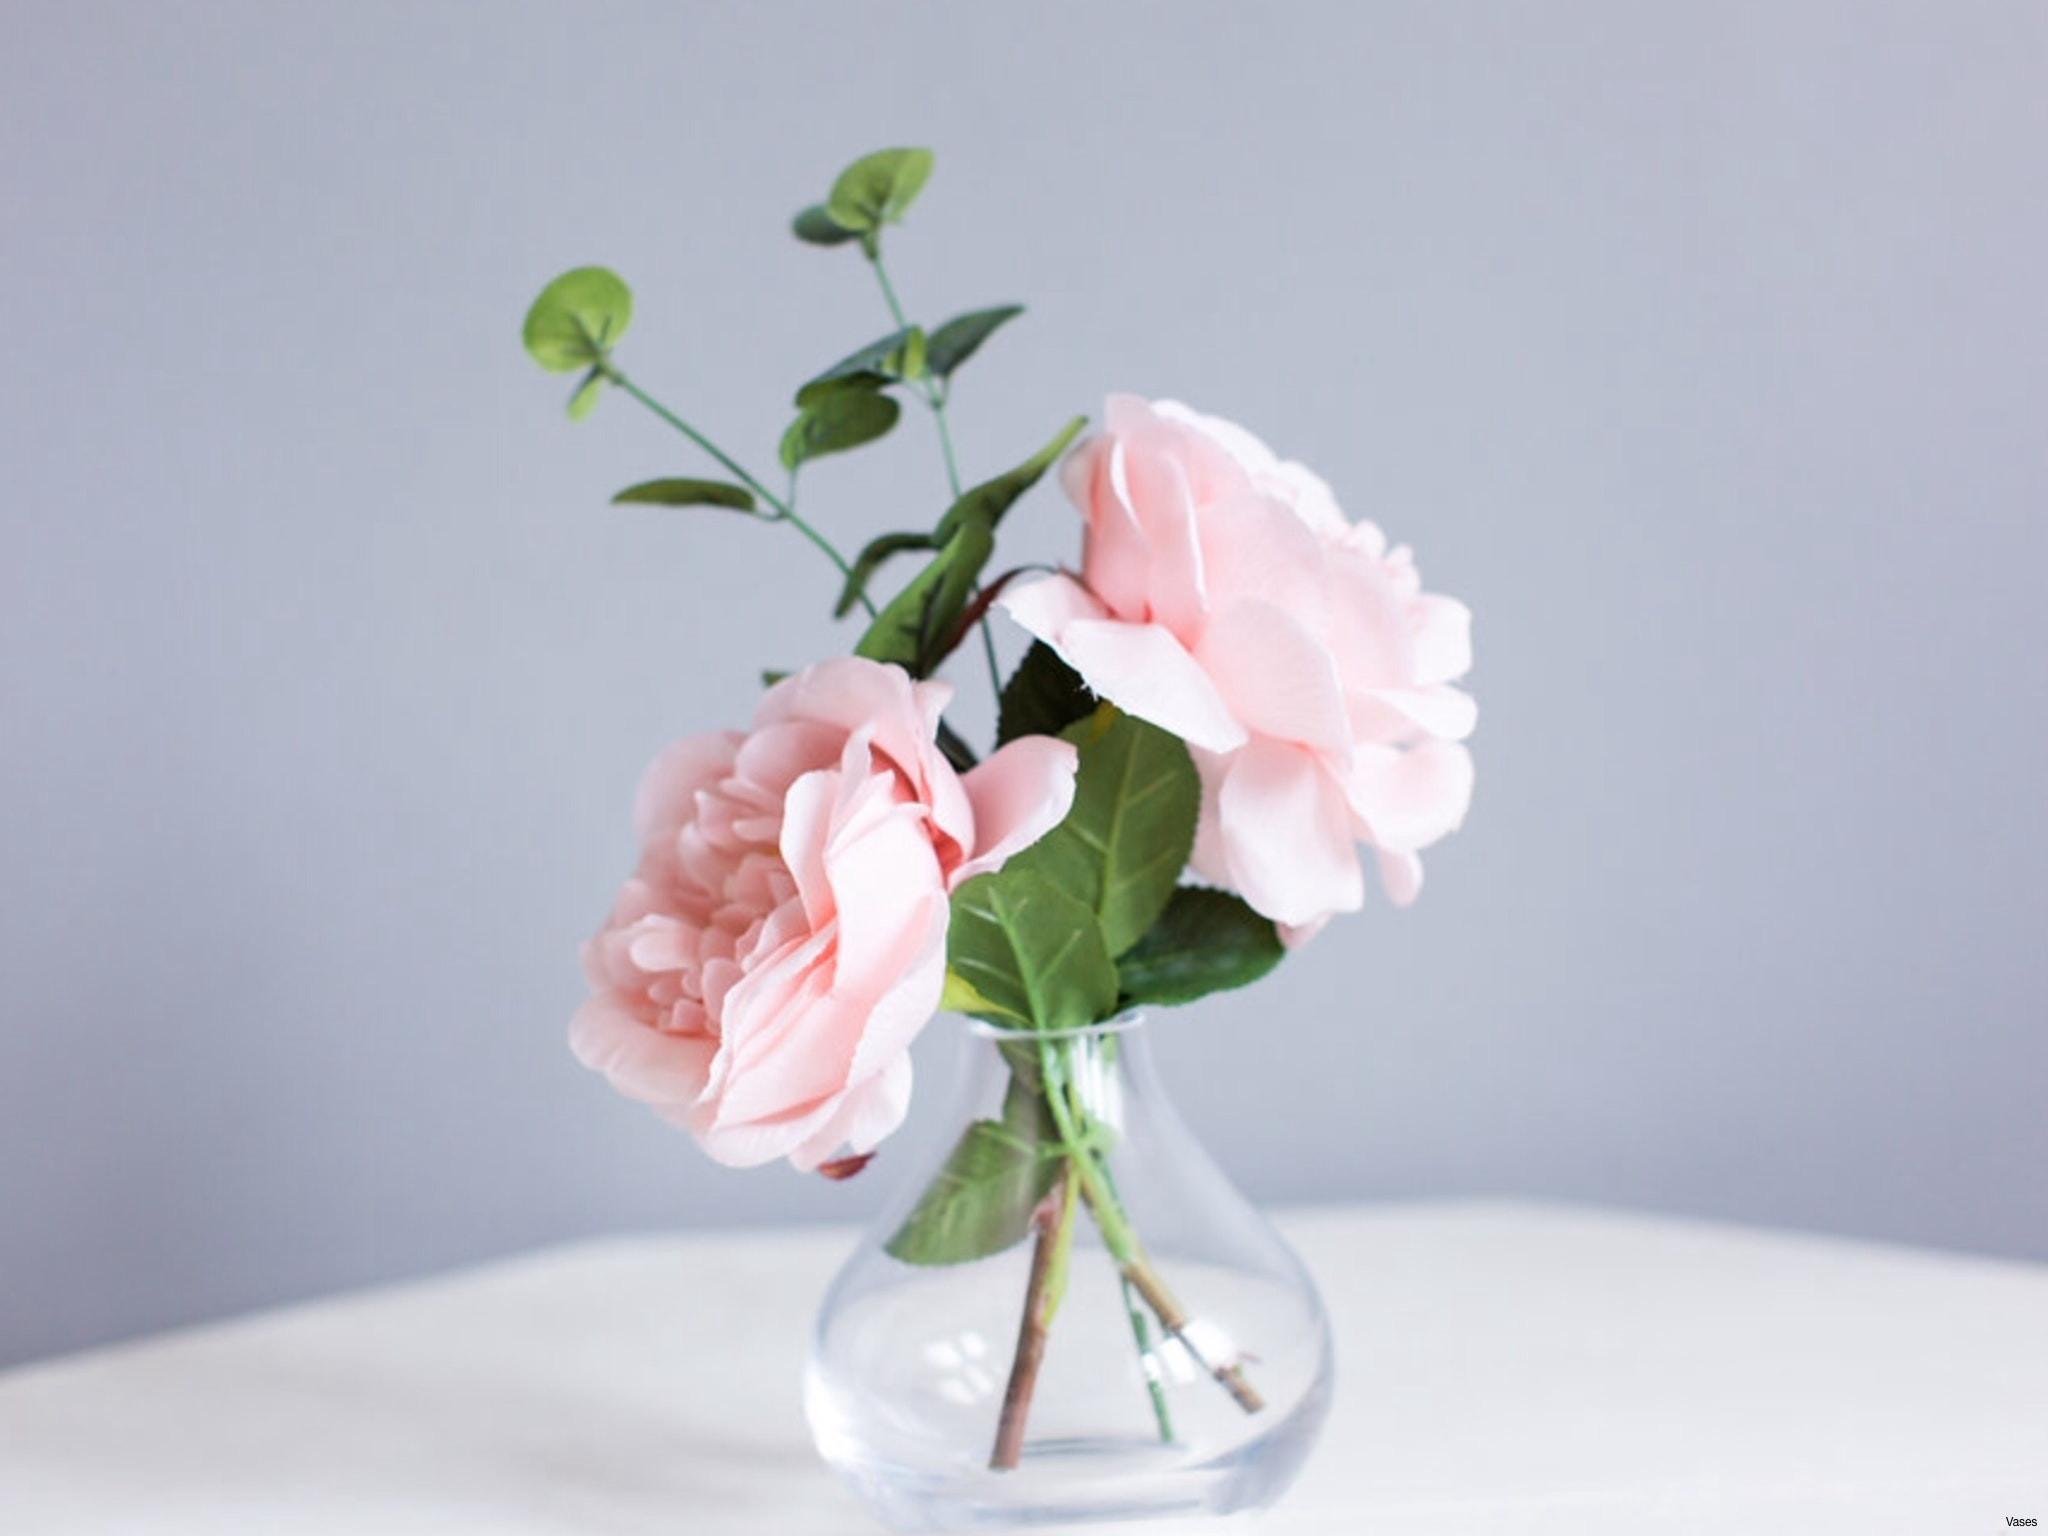 set of 3 glass vases of 10 fresh colored glass bud vases bogekompresorturkiye com regarding h vases bud vase flower arrangements i 0d for inspiration design design ideas vases and